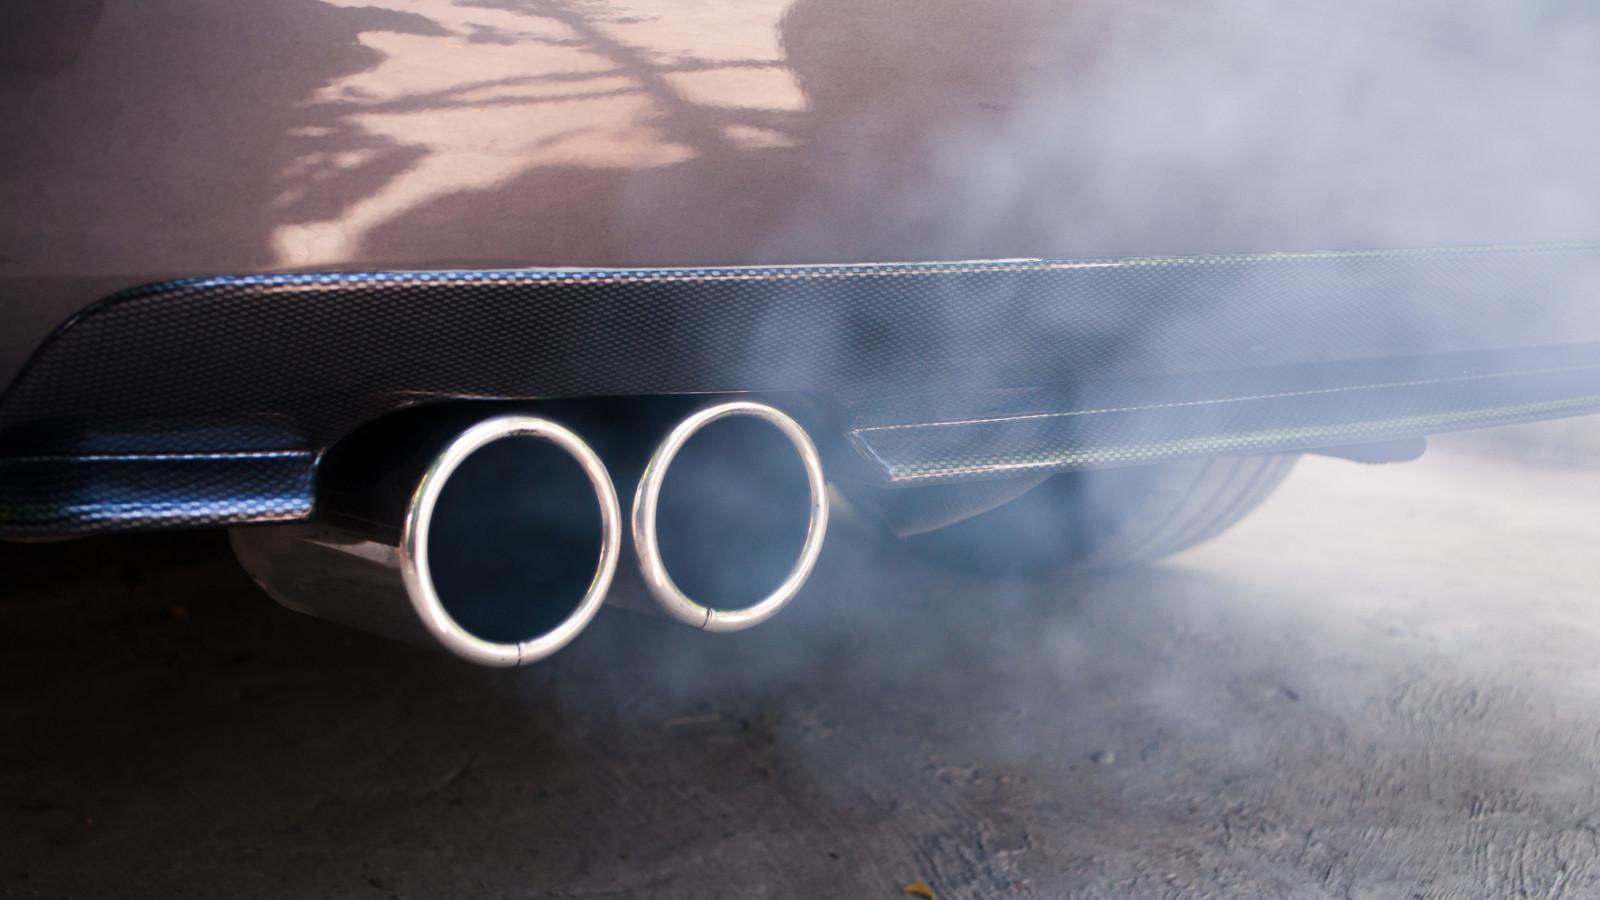 Владельцев автомобилей предупреждают о стремительном скачке цен набензин